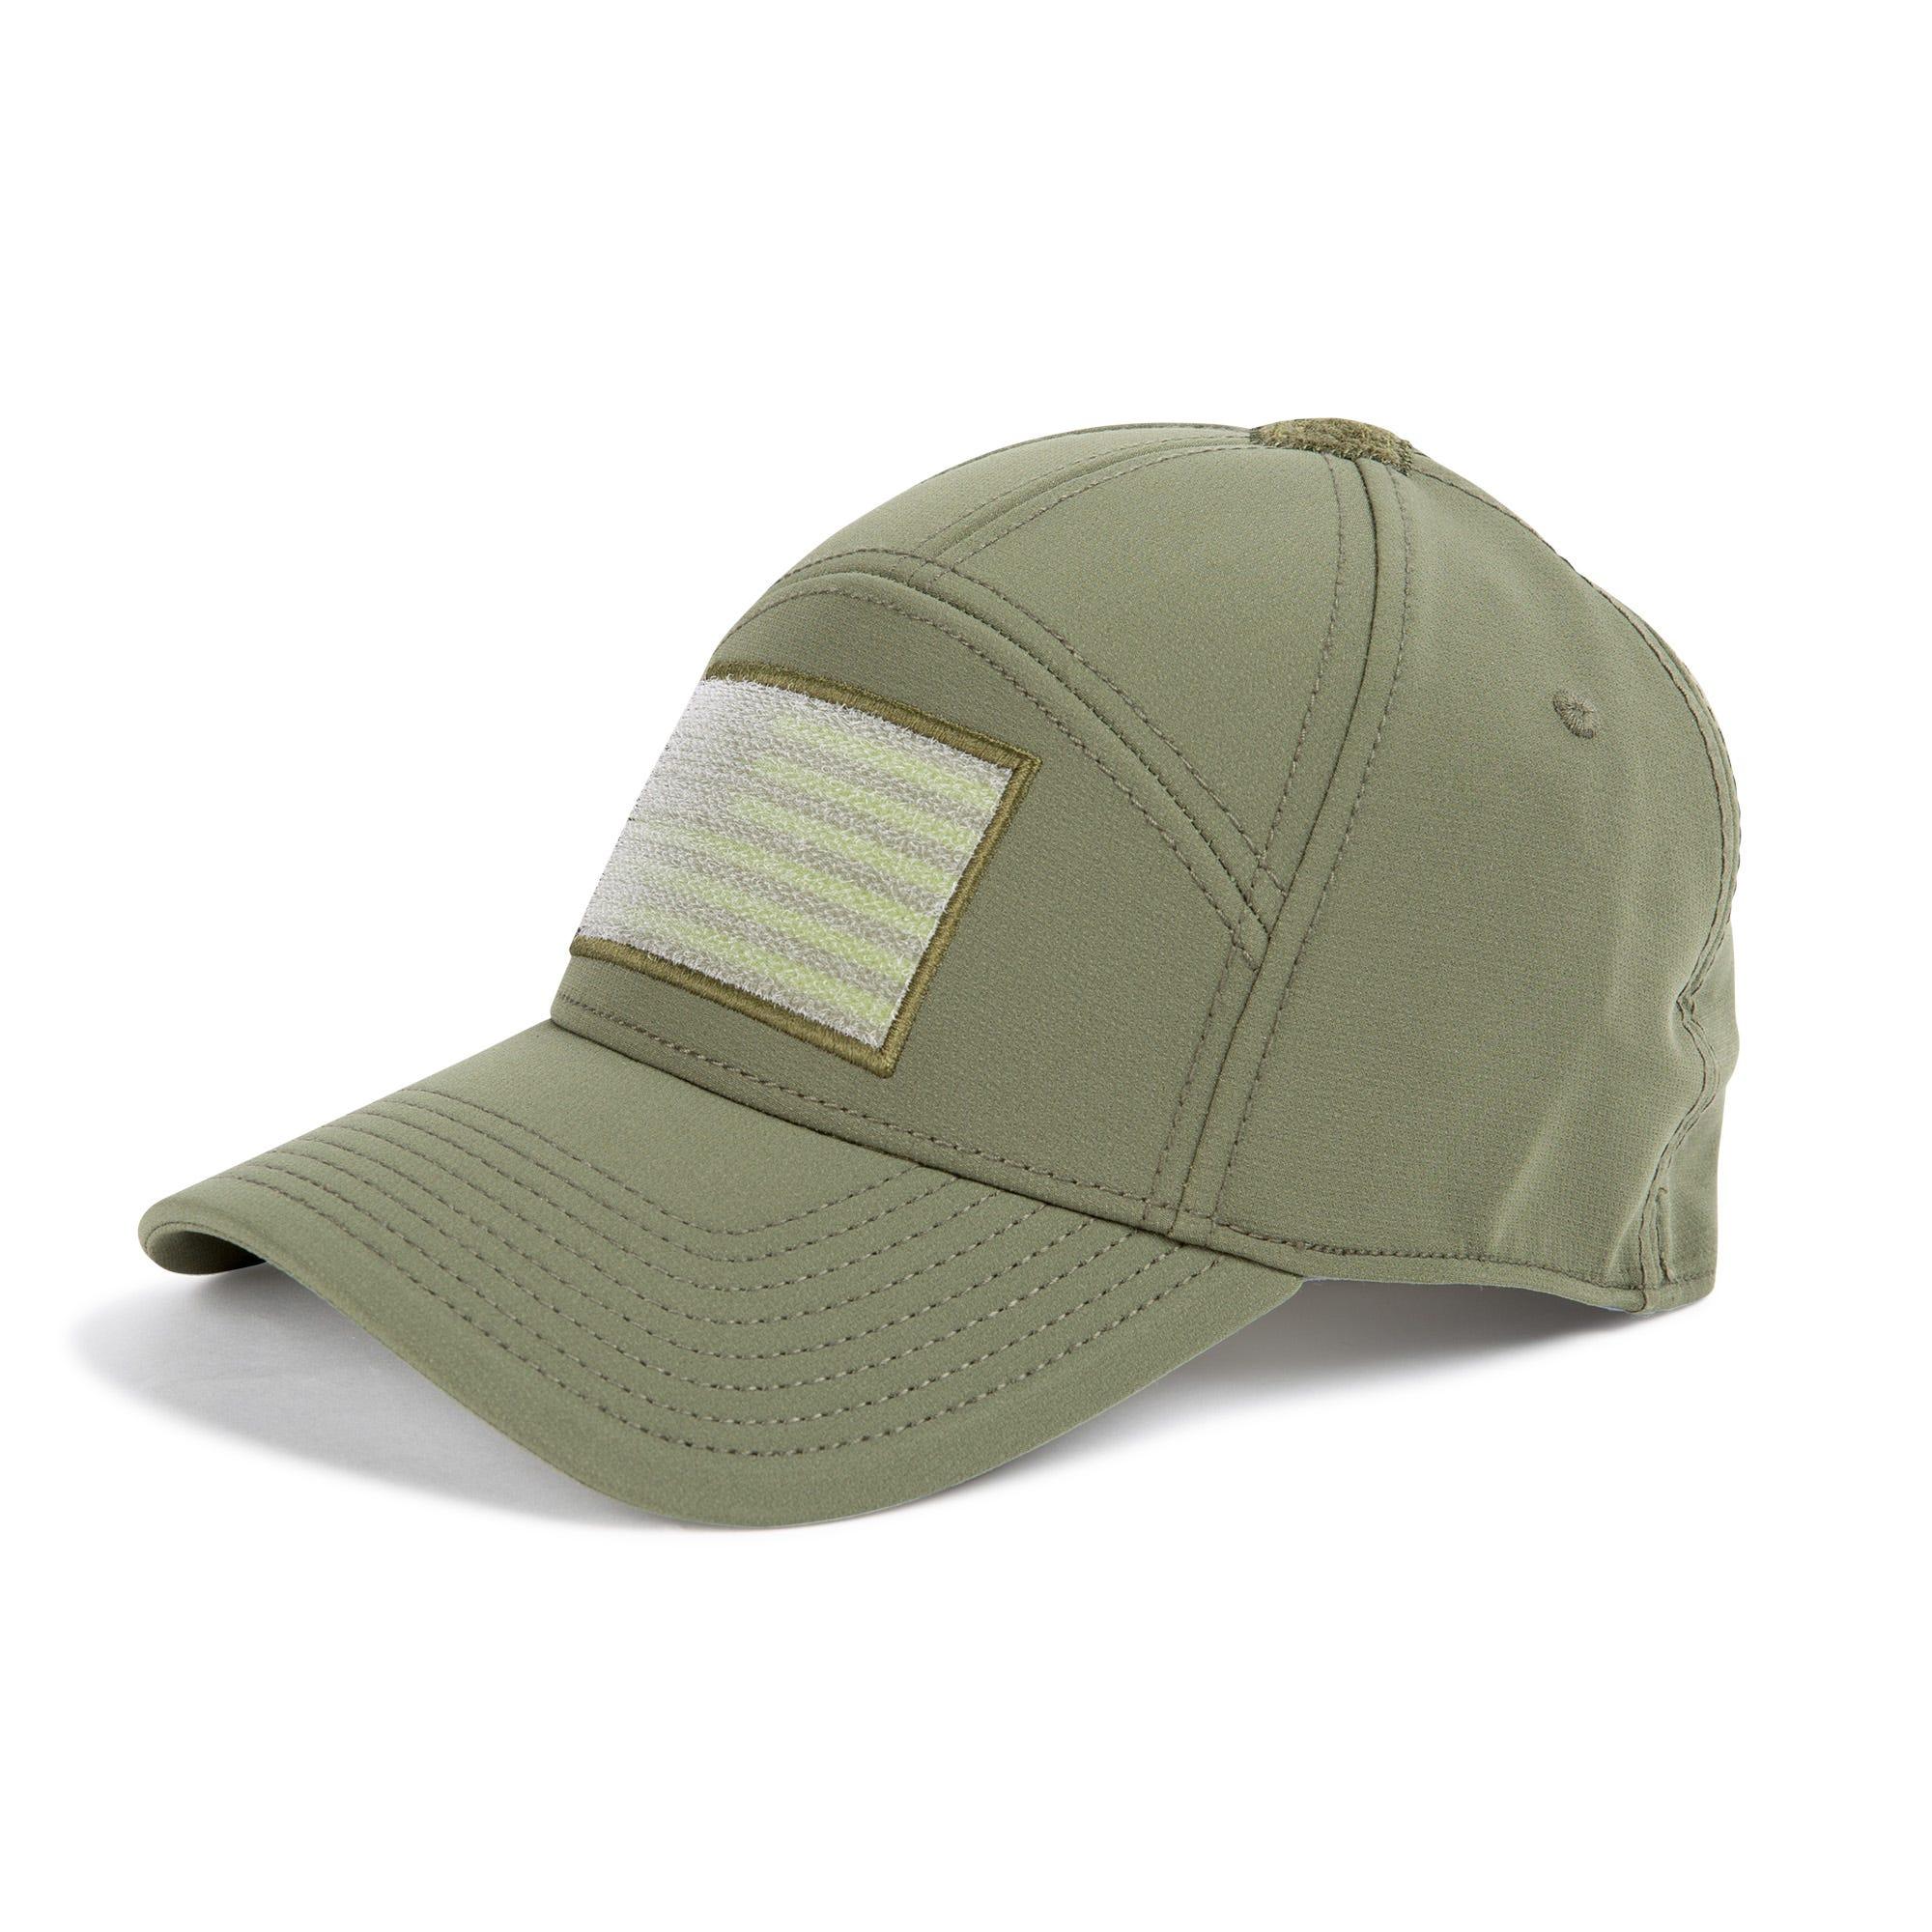 5.11 Tactical Men's Operator 2.0 A-Flex Cap (Sage Green) thumbnail